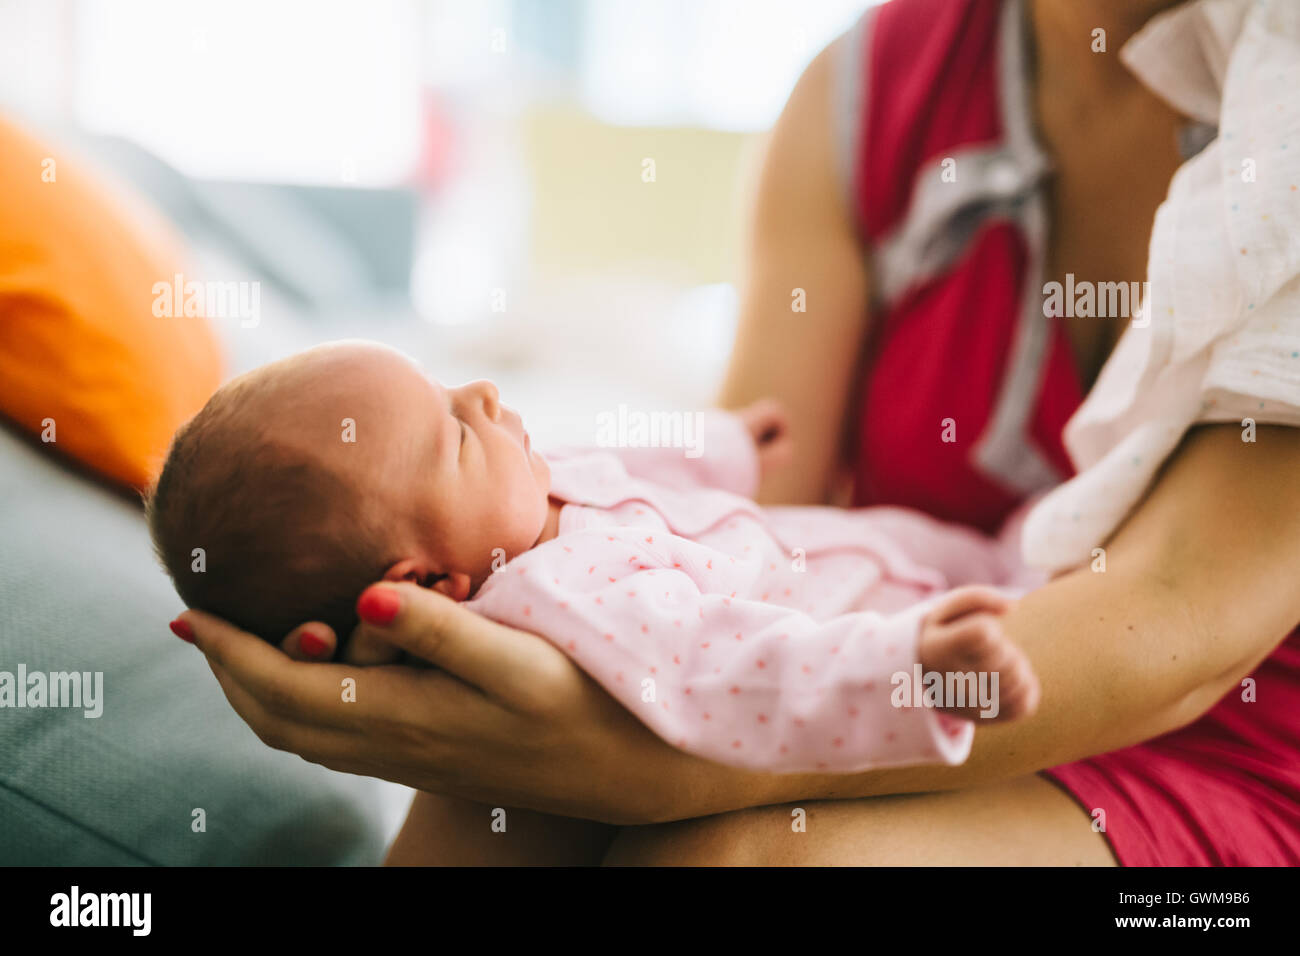 Madre sosteniendo recién nacido con alegría y orgullo Imagen De Stock